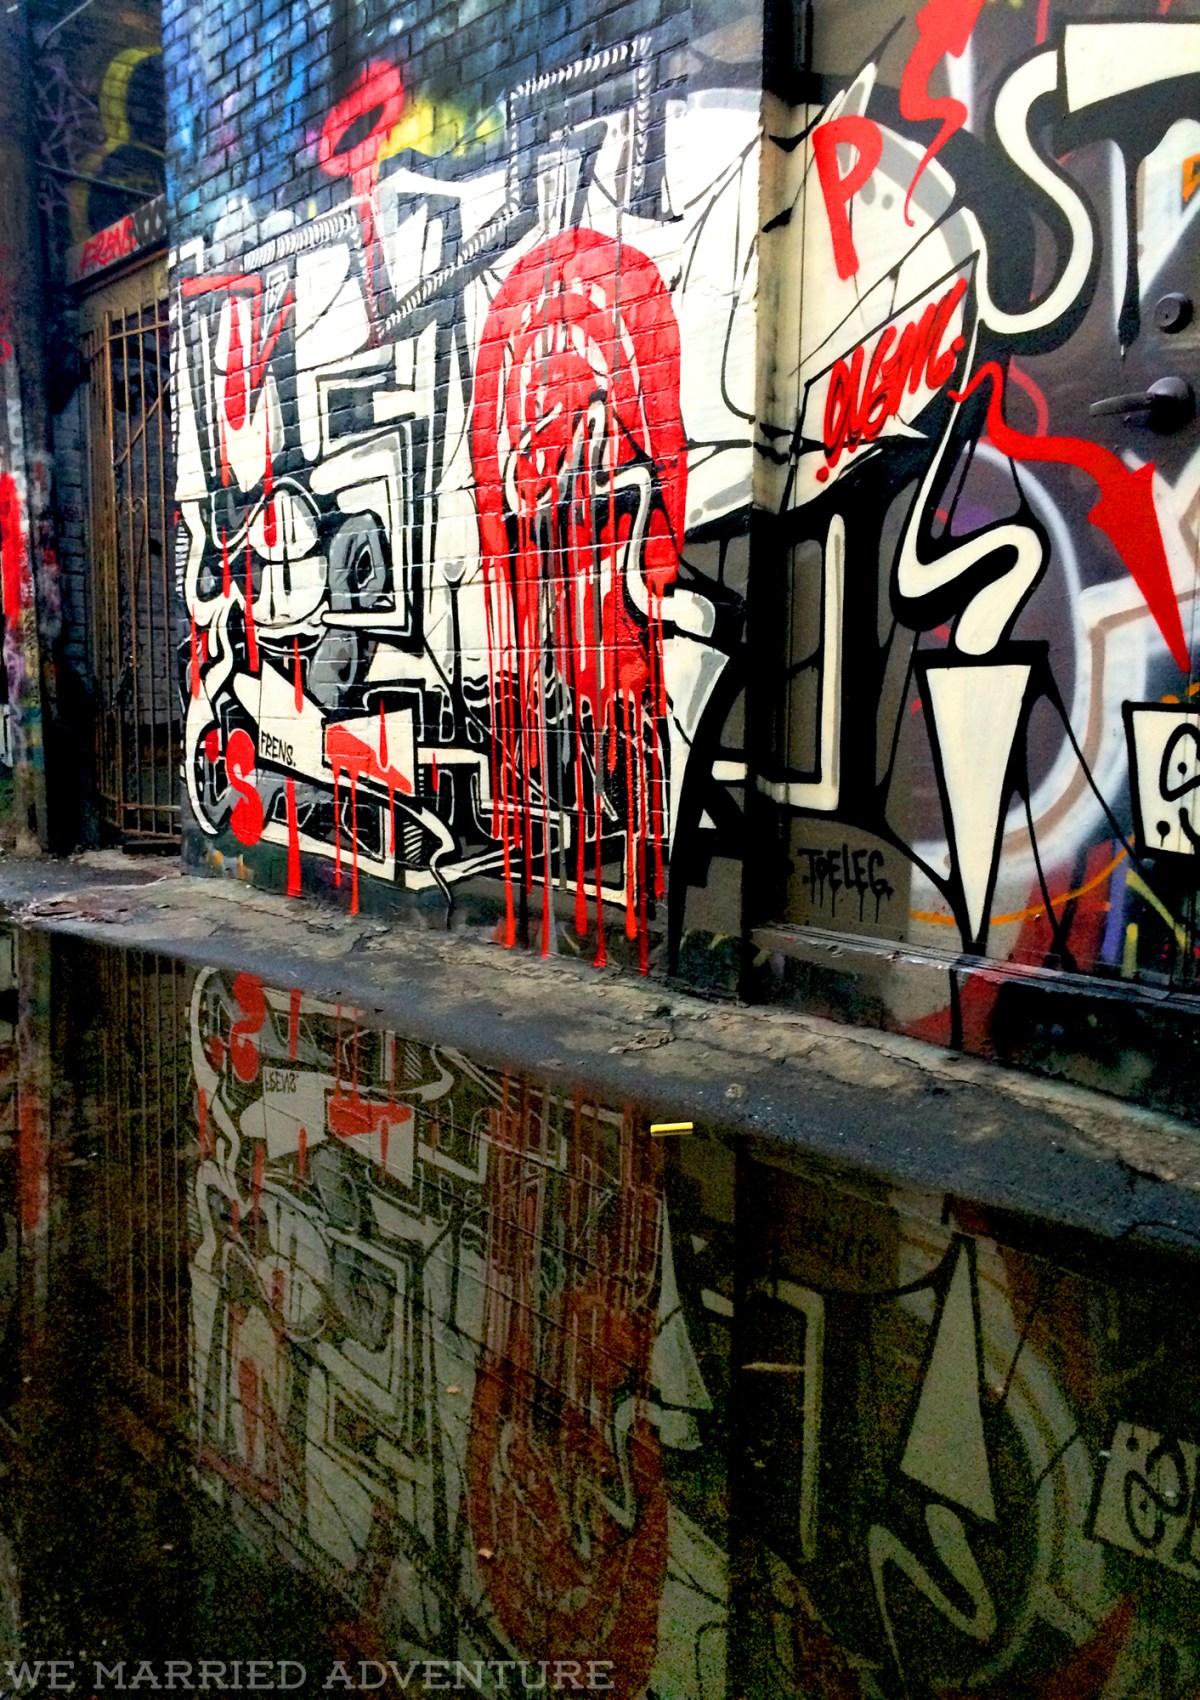 graffiti_alley04_wm